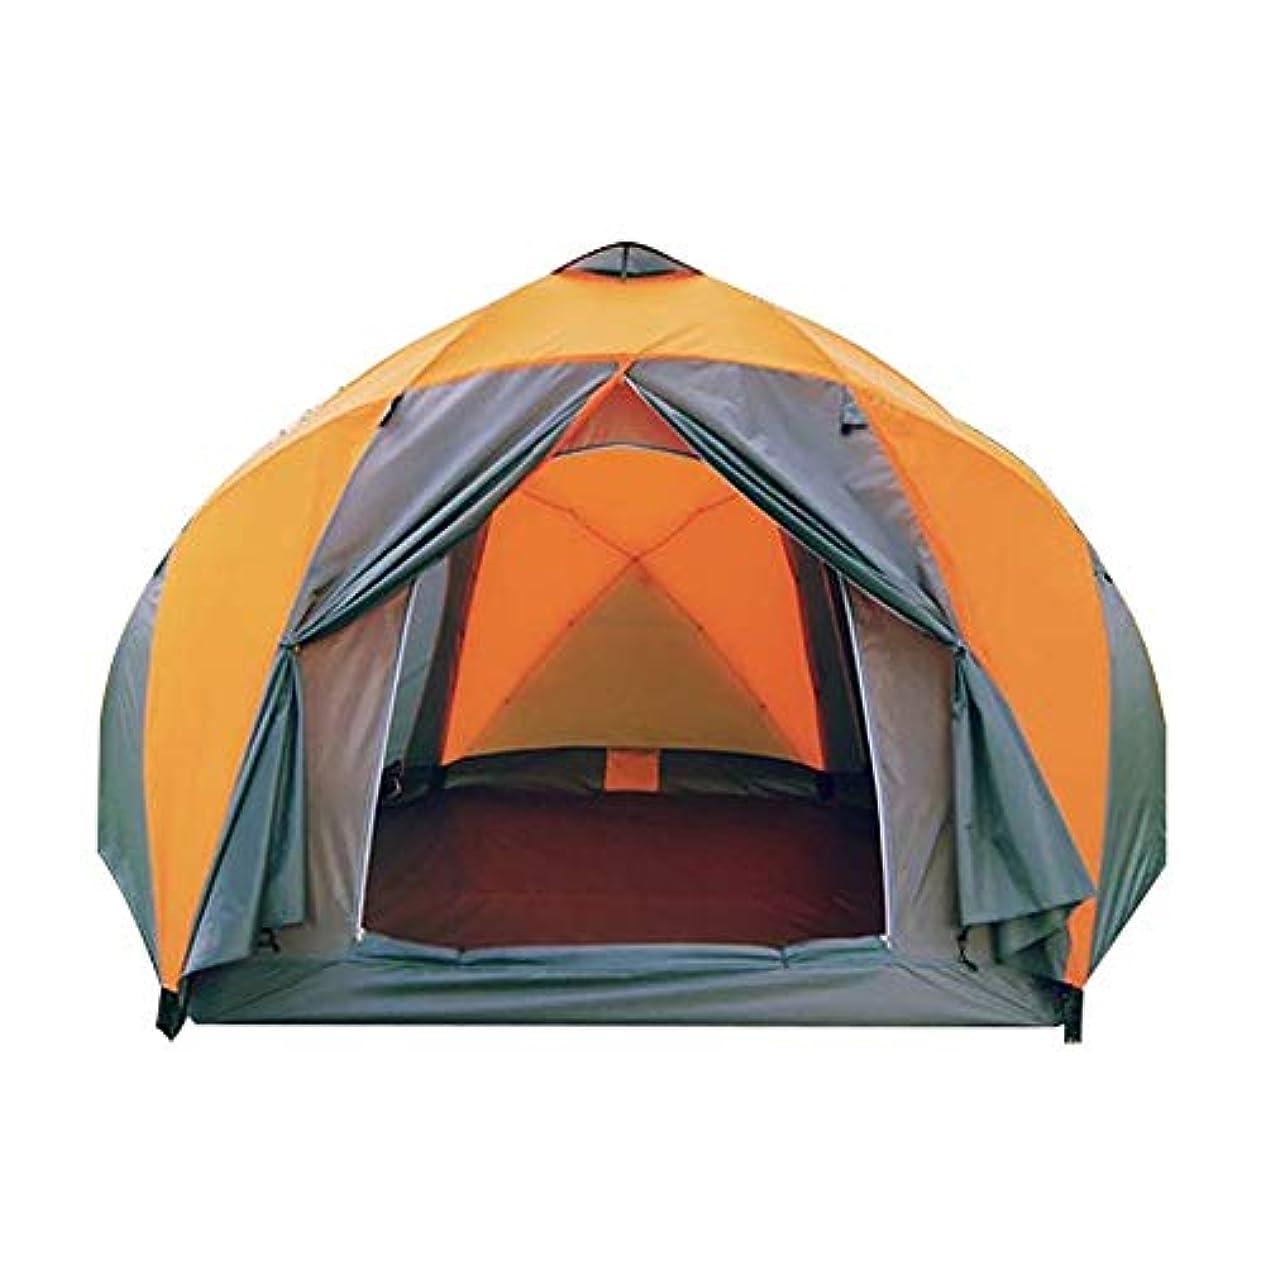 名声差別する受益者キャンプテント 大家族防水ライトバックパックテントキャンプハイキングロッククライミング 軽量で便利なテント (Color : Orange, Size : Free size)